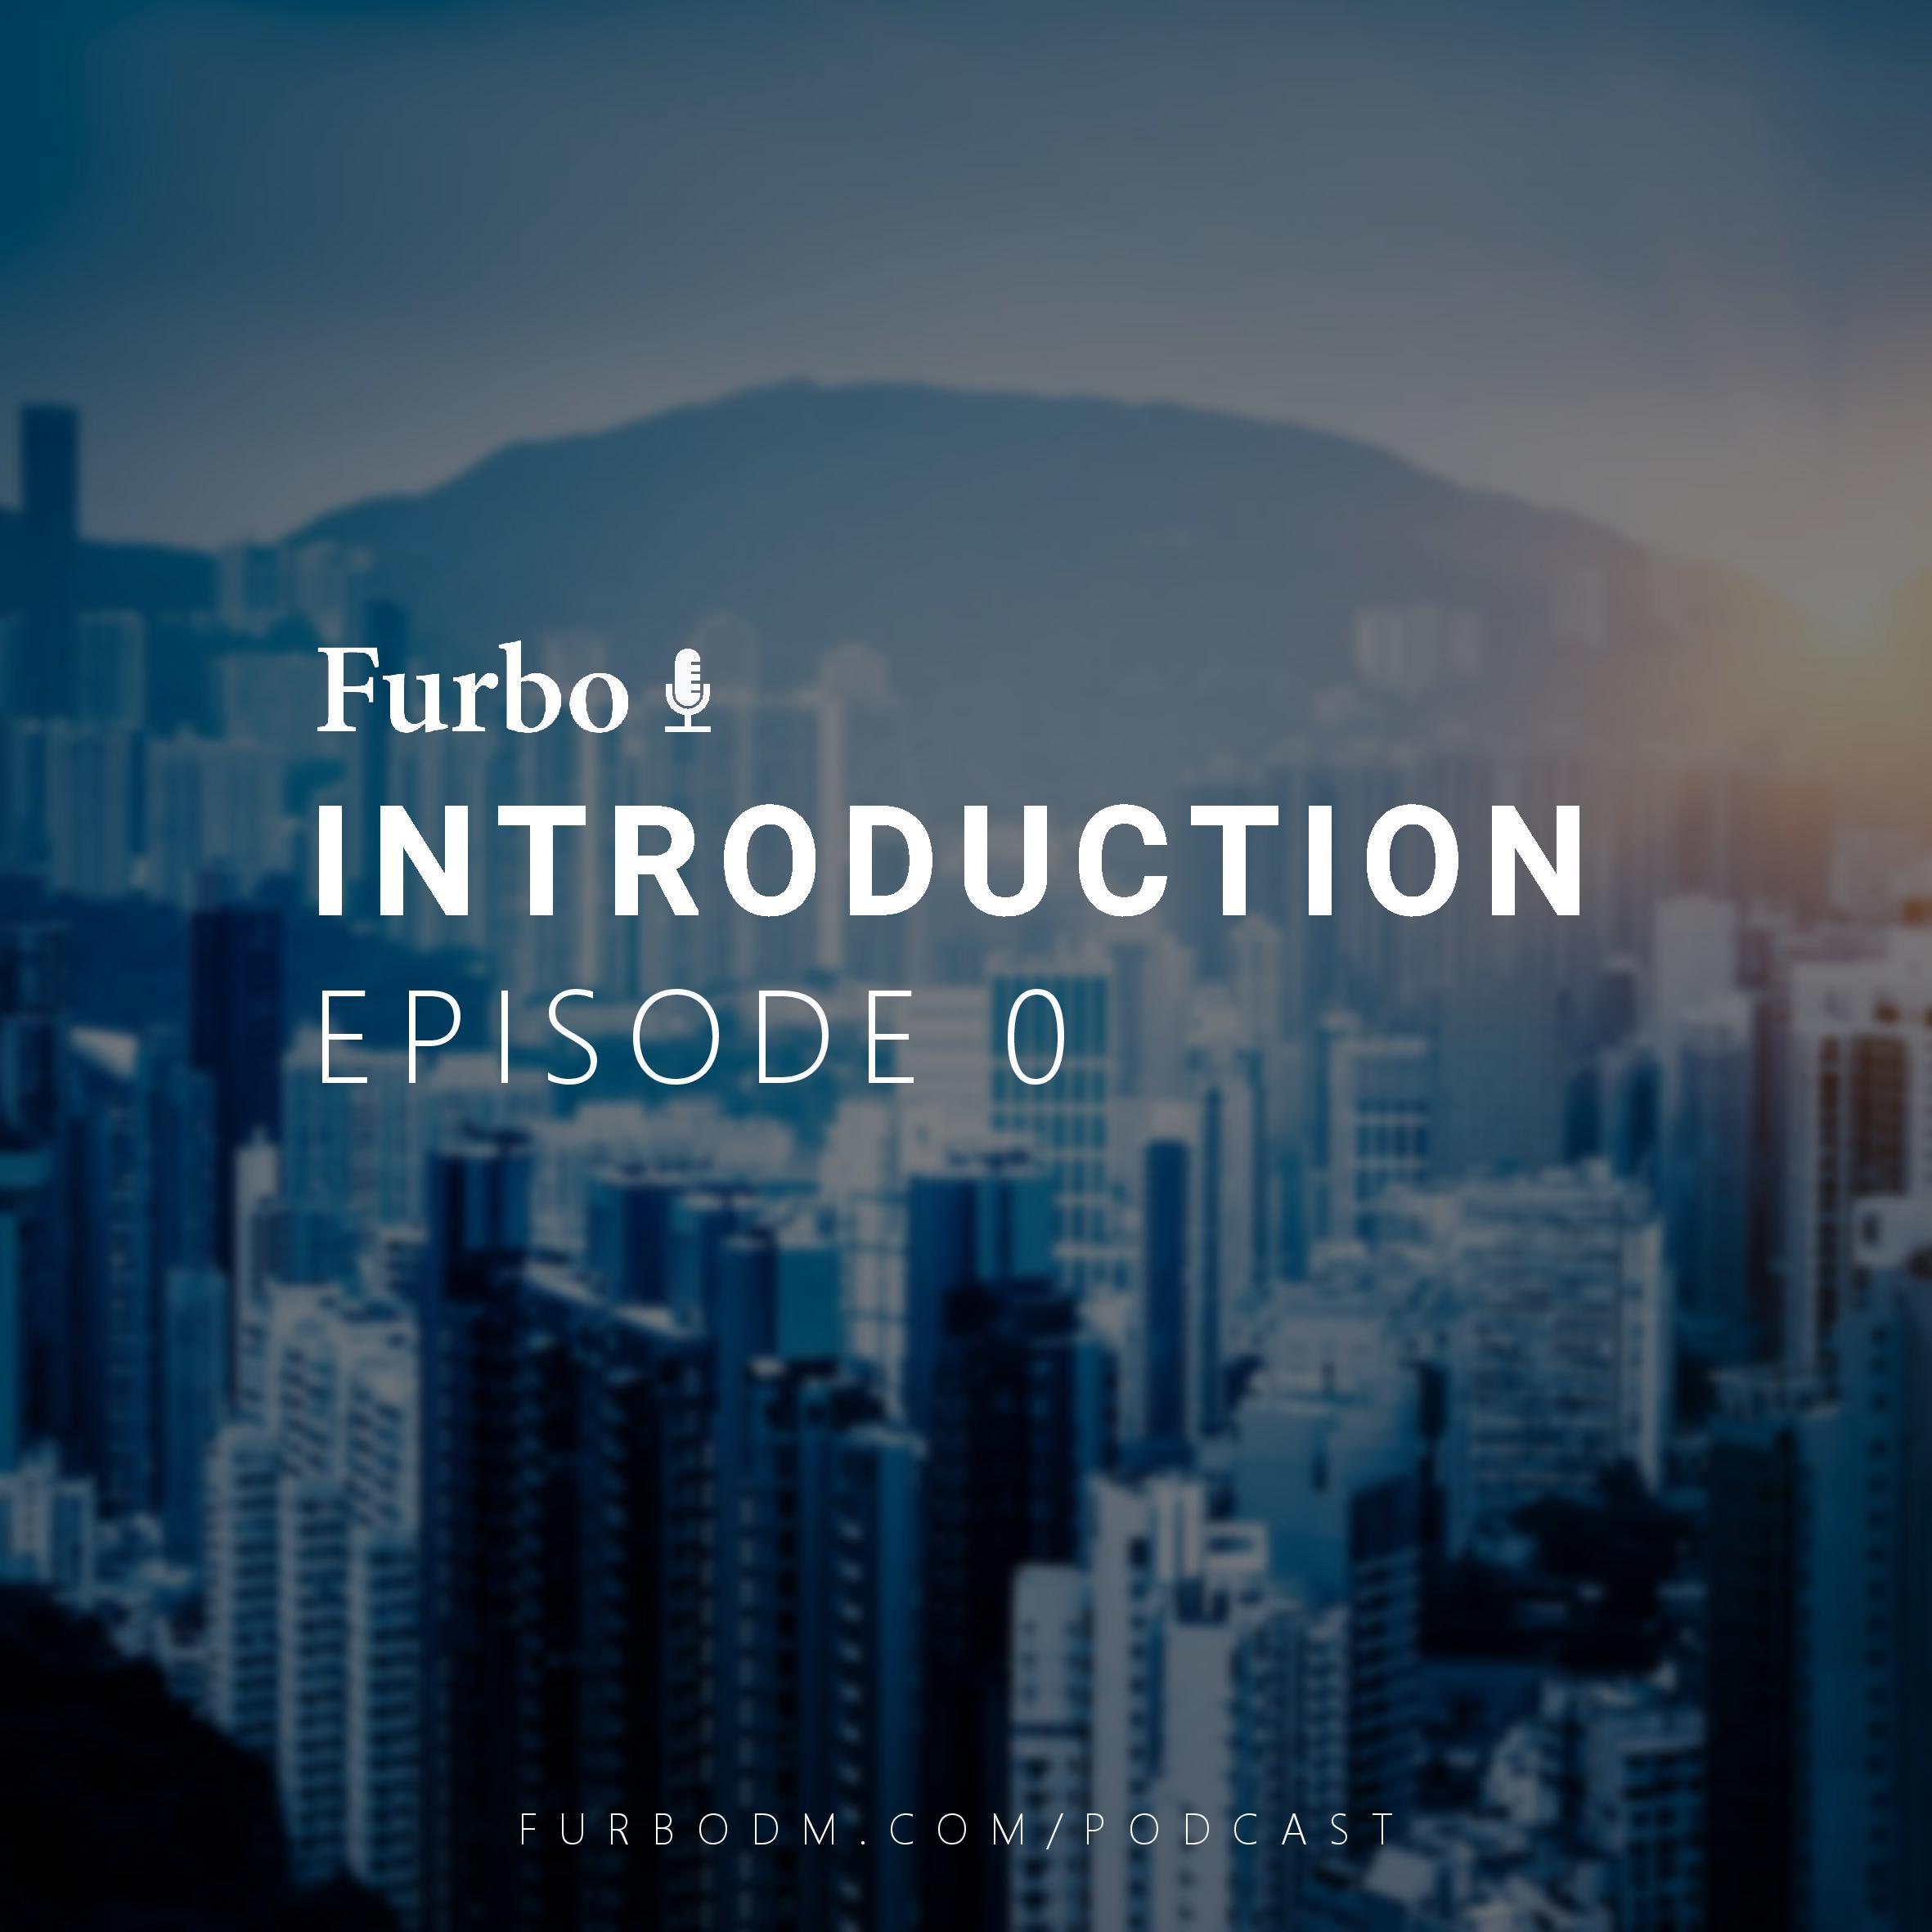 E0: Introduction